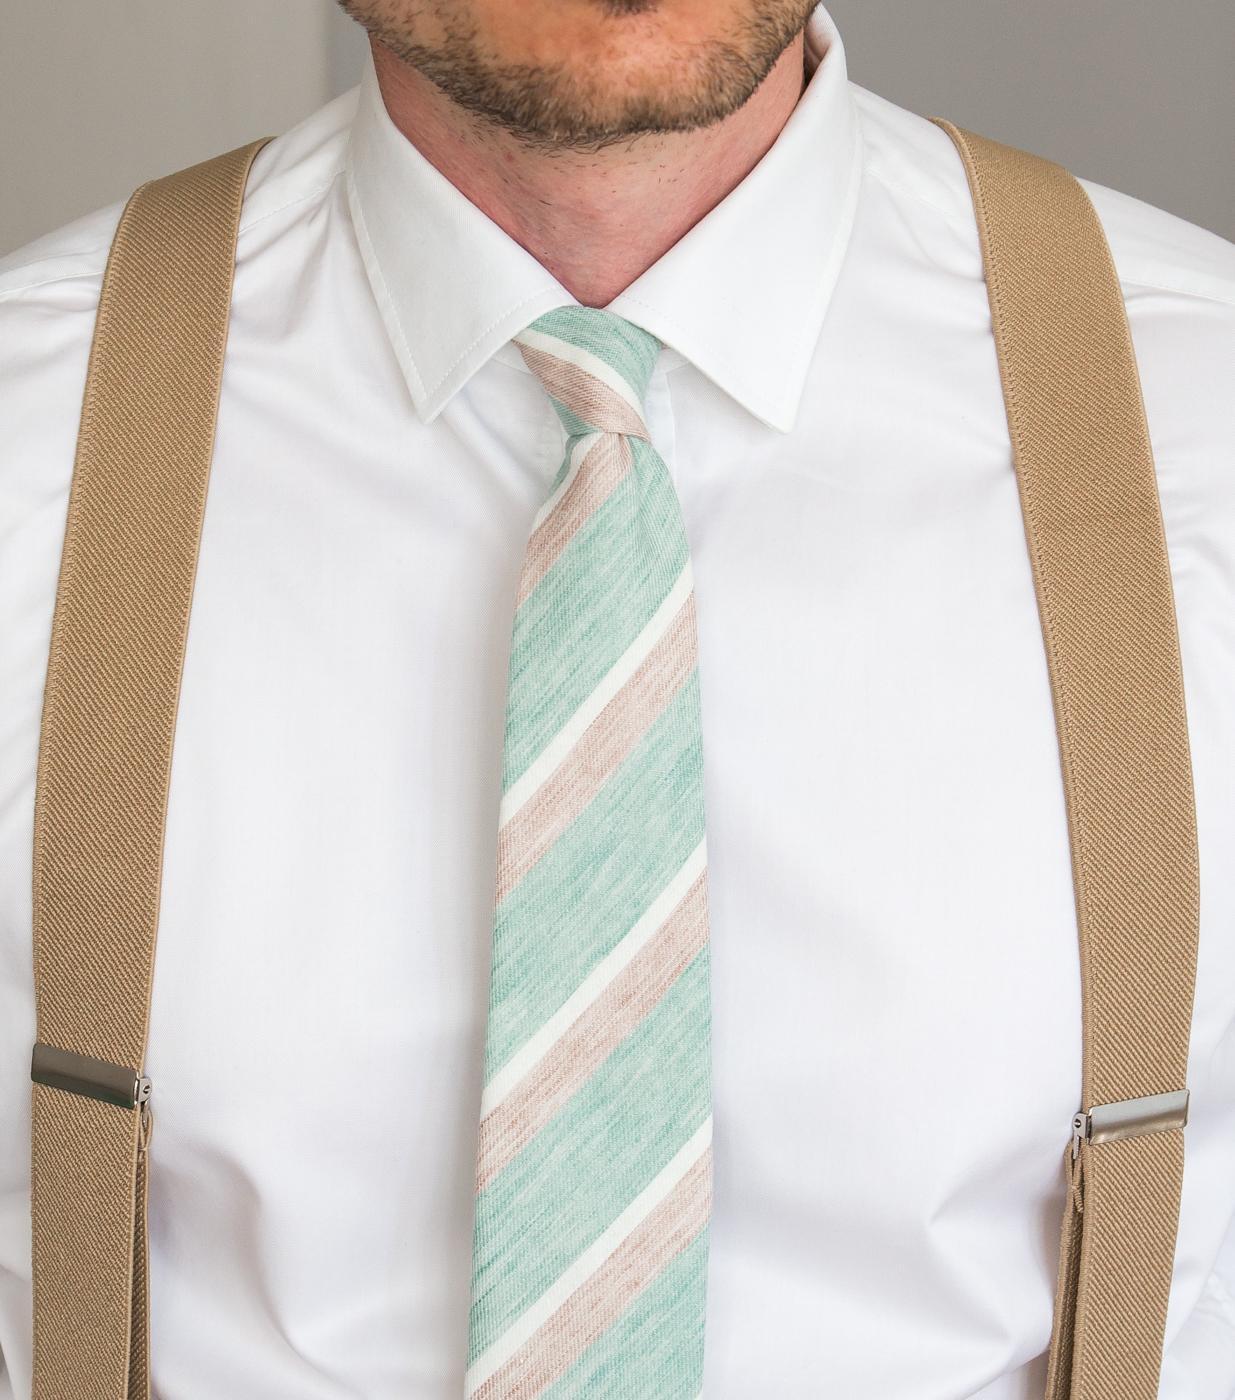 Nové svatební kravaty a motýlky - Obrázek č. 12